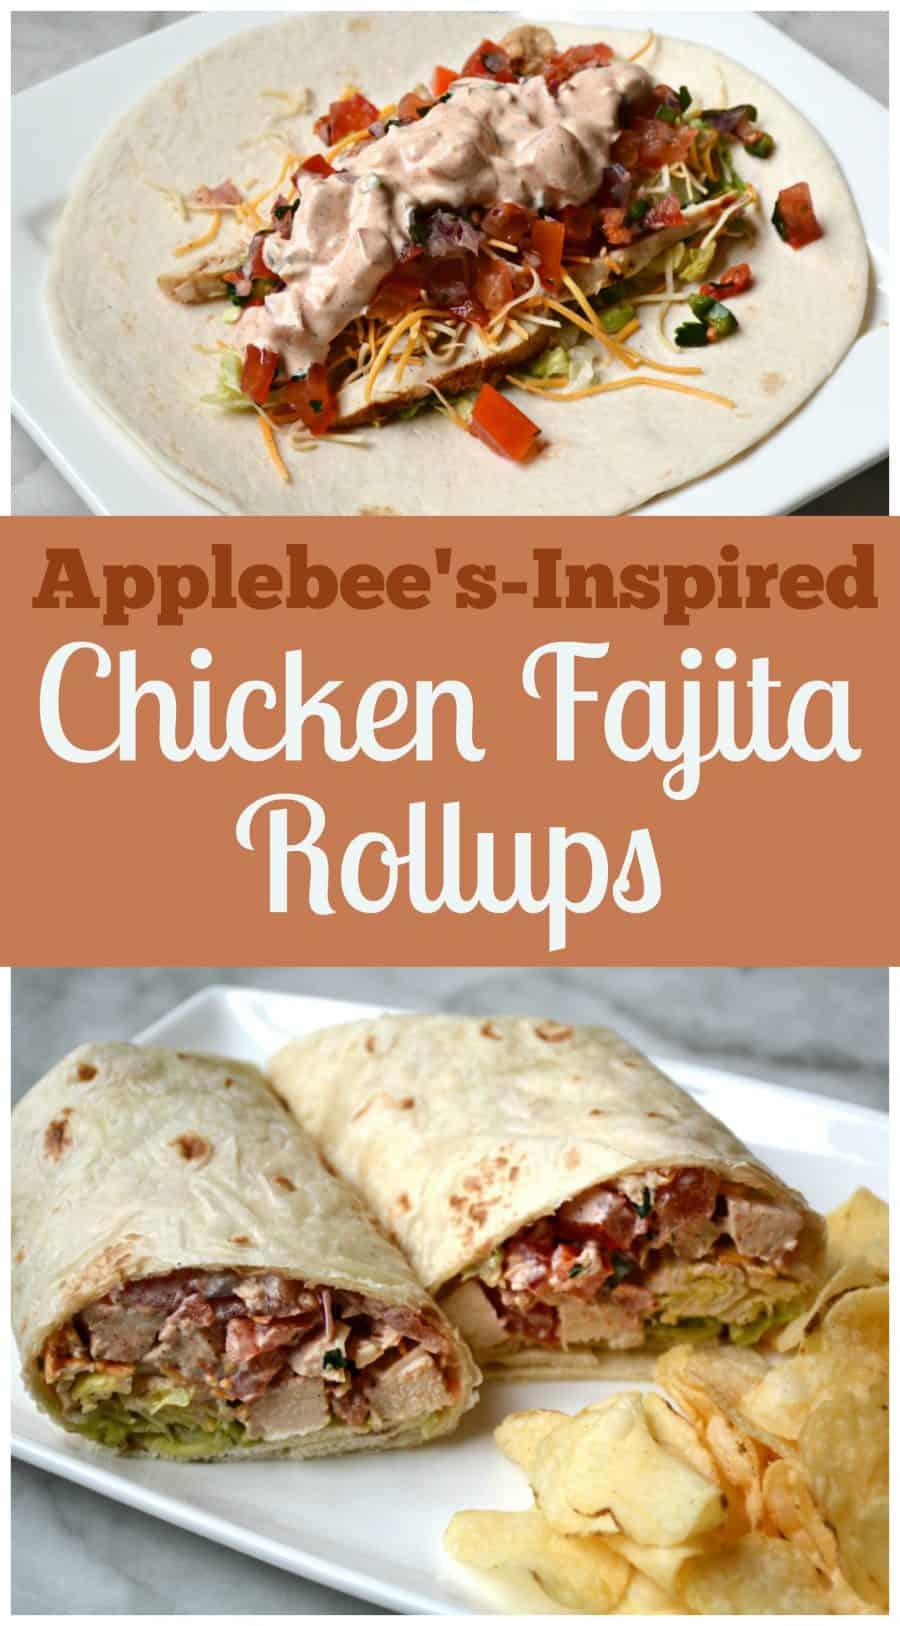 Applebess Chicken Fajita Rollup Recipe - Tastes just like them!